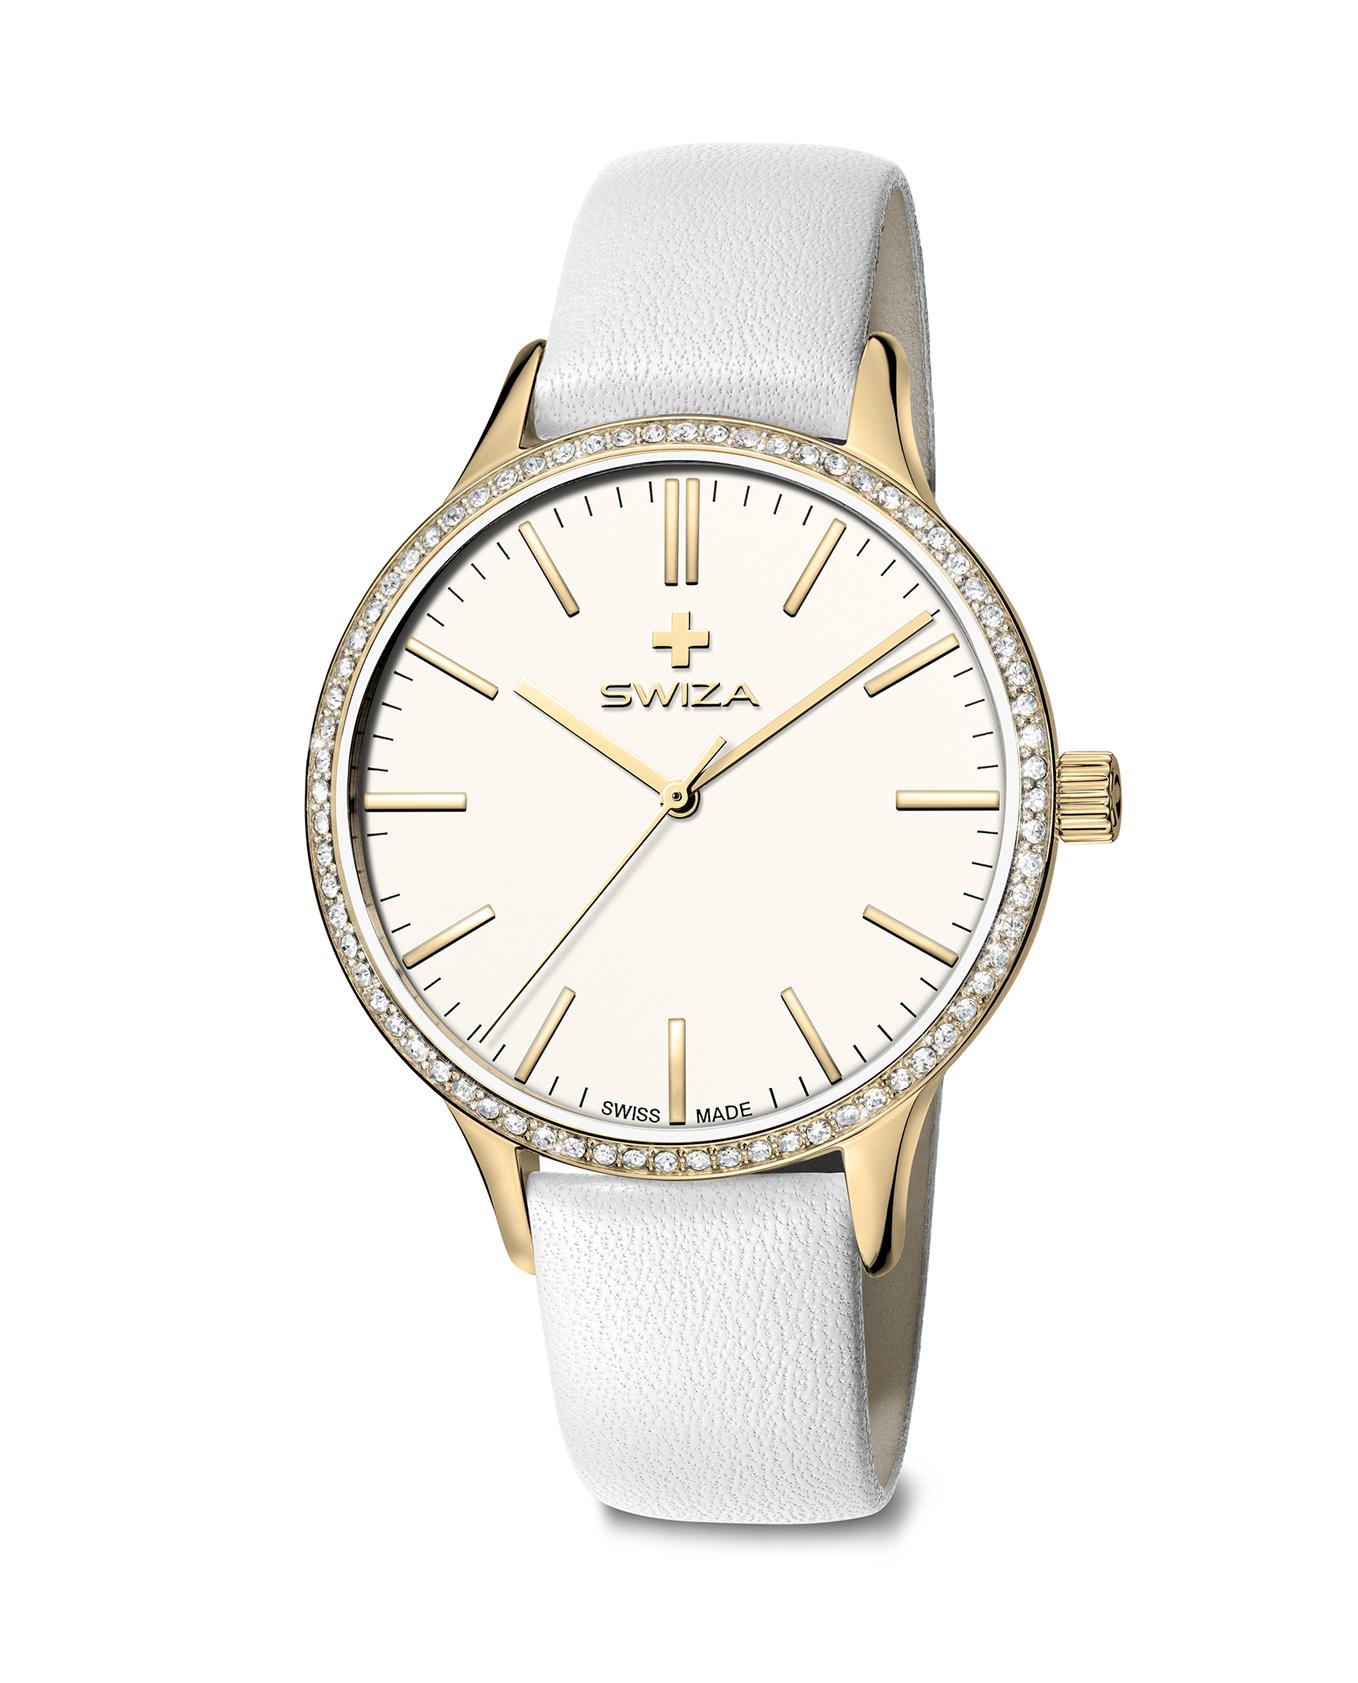 SWIZA Stella Lady watch, white